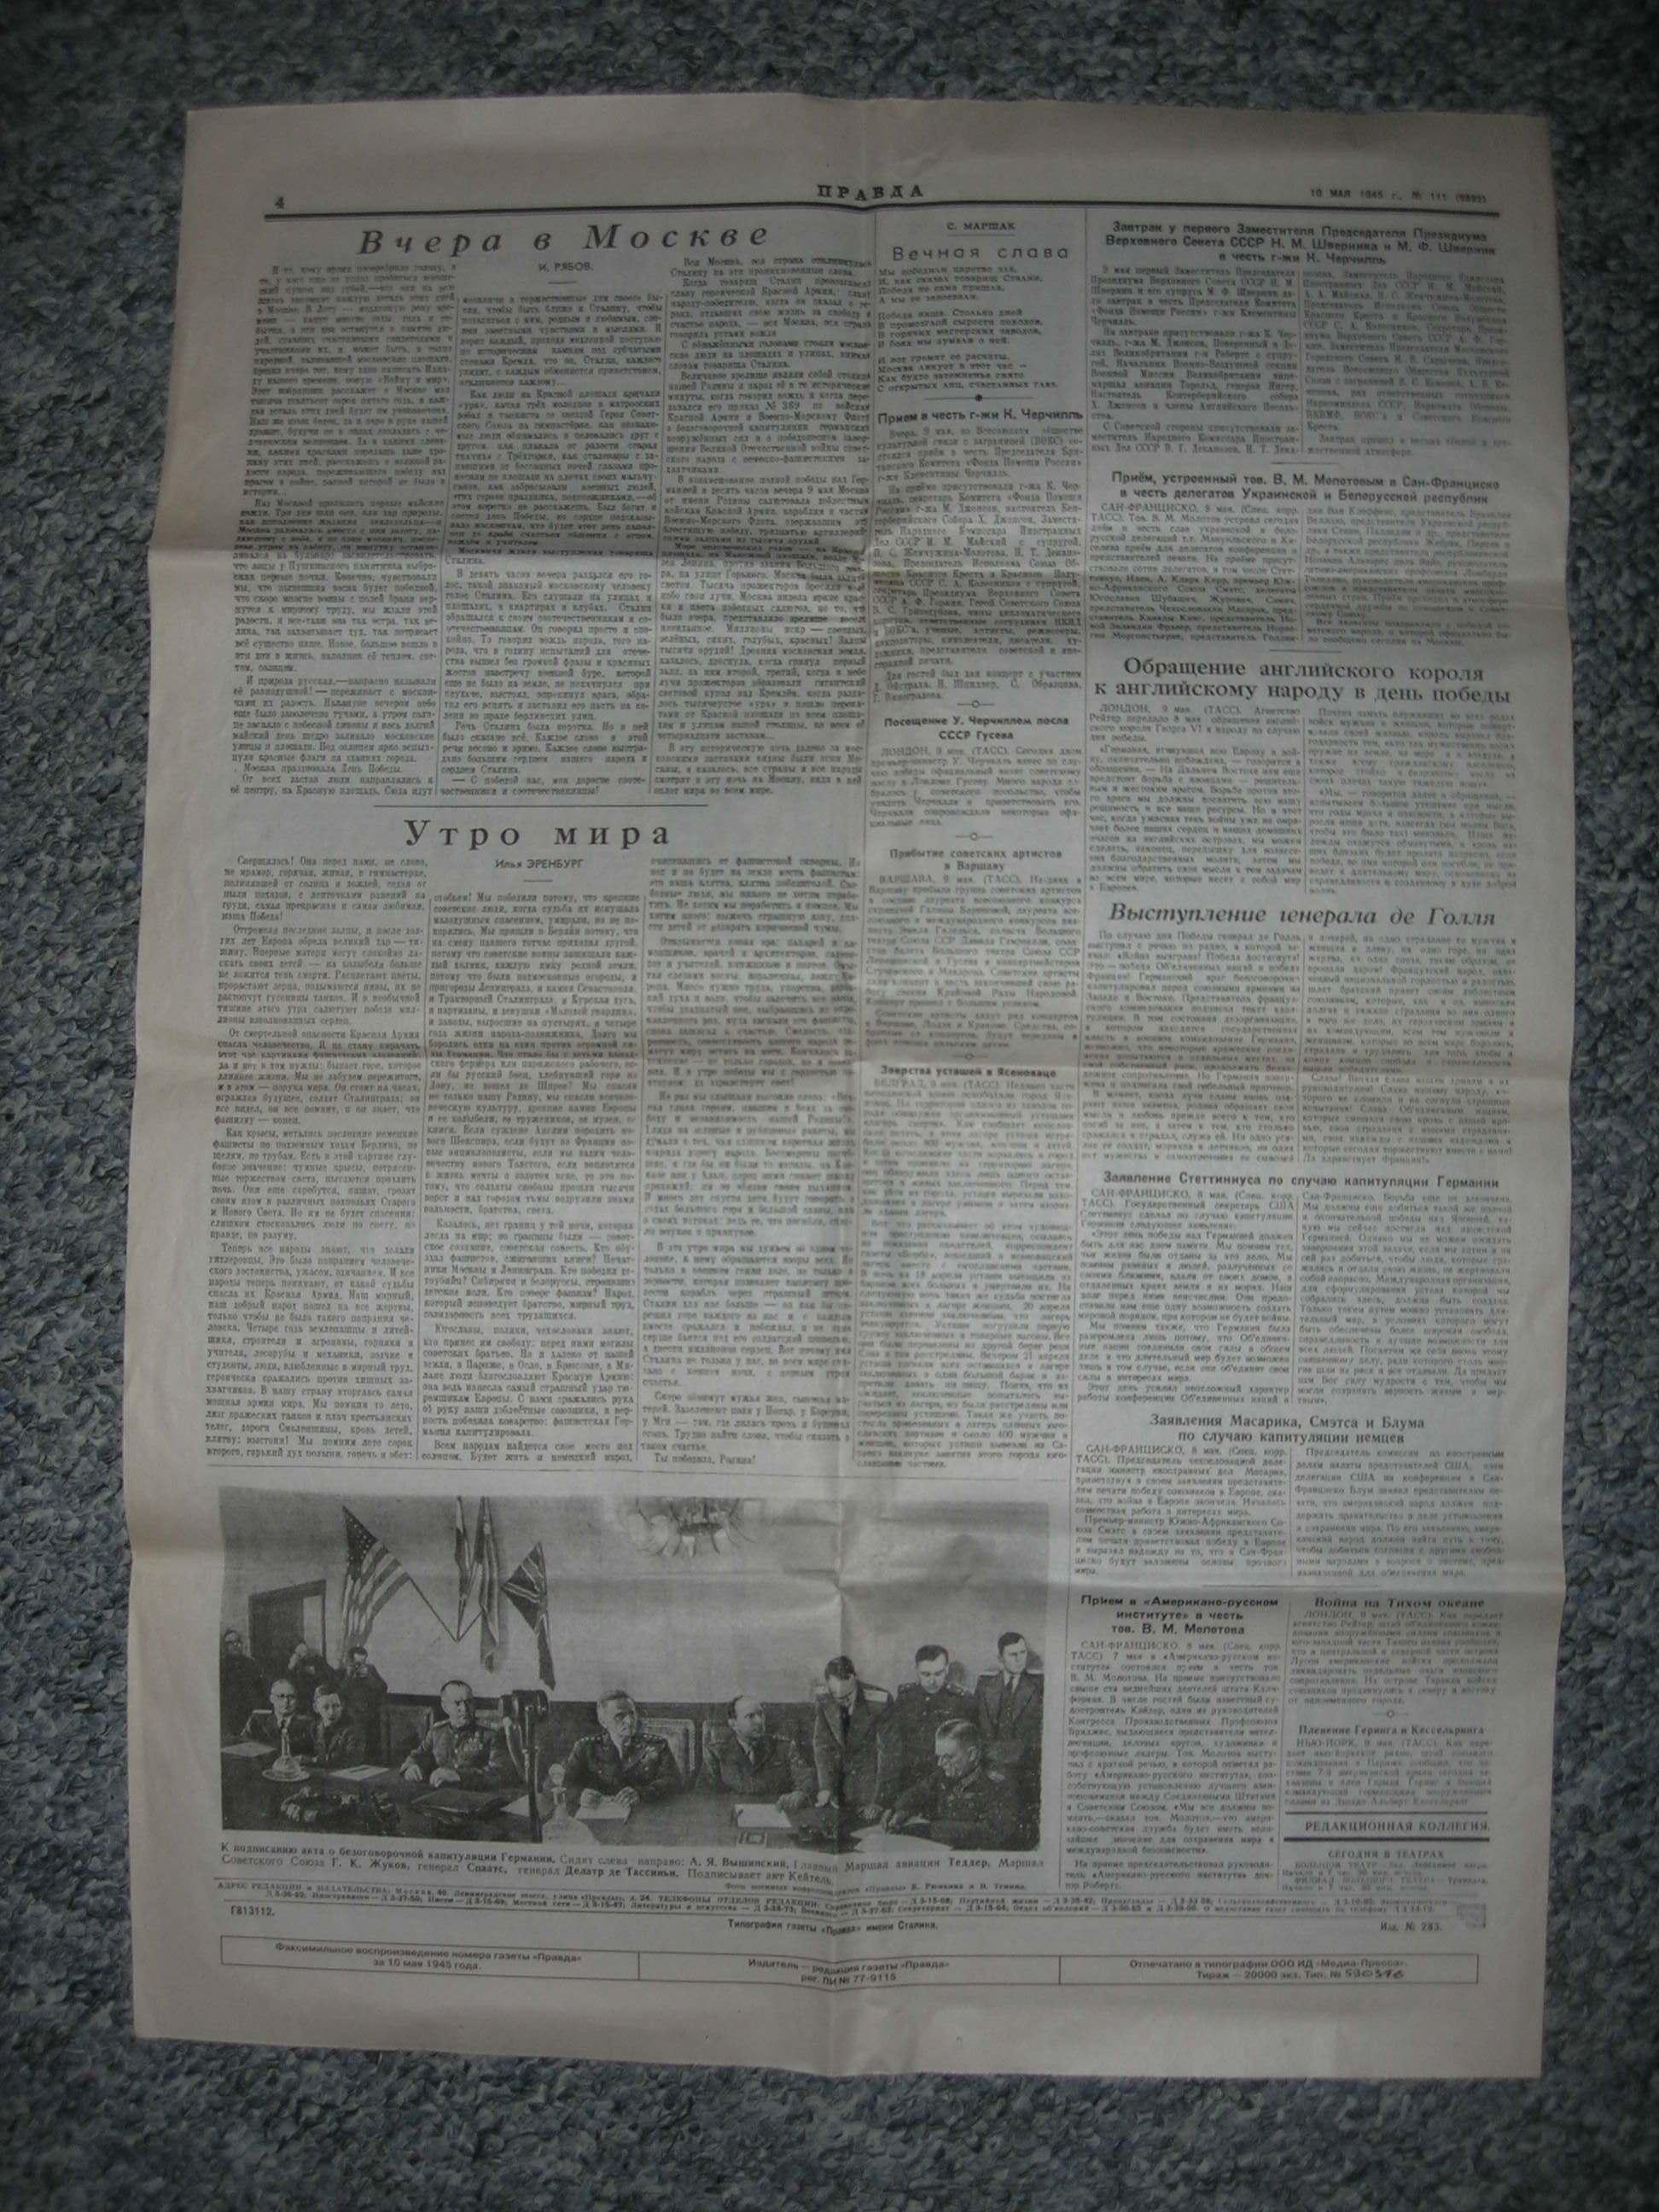 Продать газету правда 10 мая 1945 цена в рублях 1 гривна